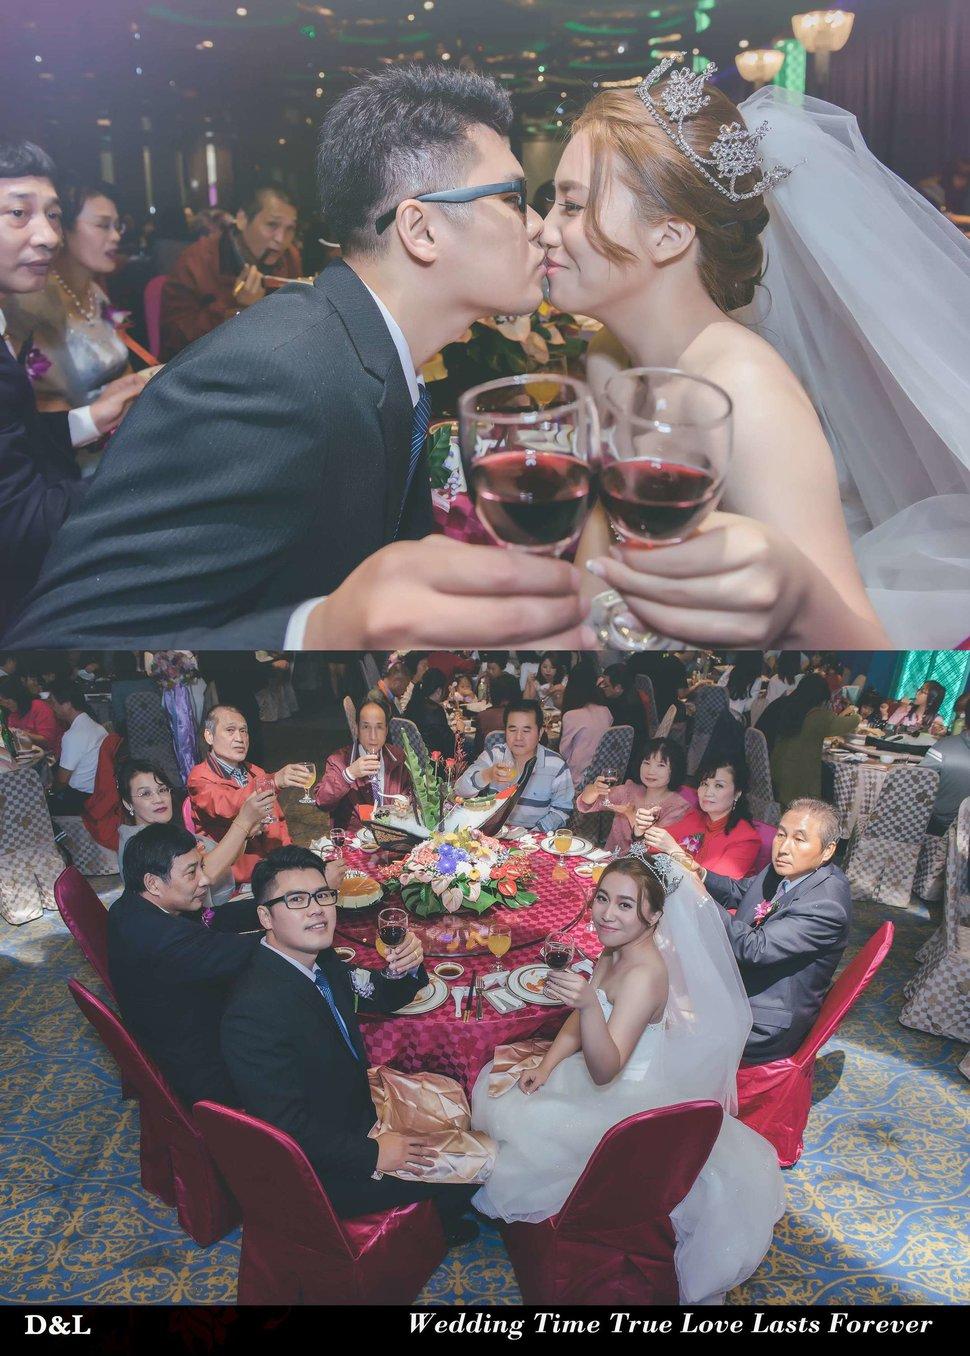 32 - D&L 婚禮事務-婚紗攝影/婚禮記錄 - 結婚吧